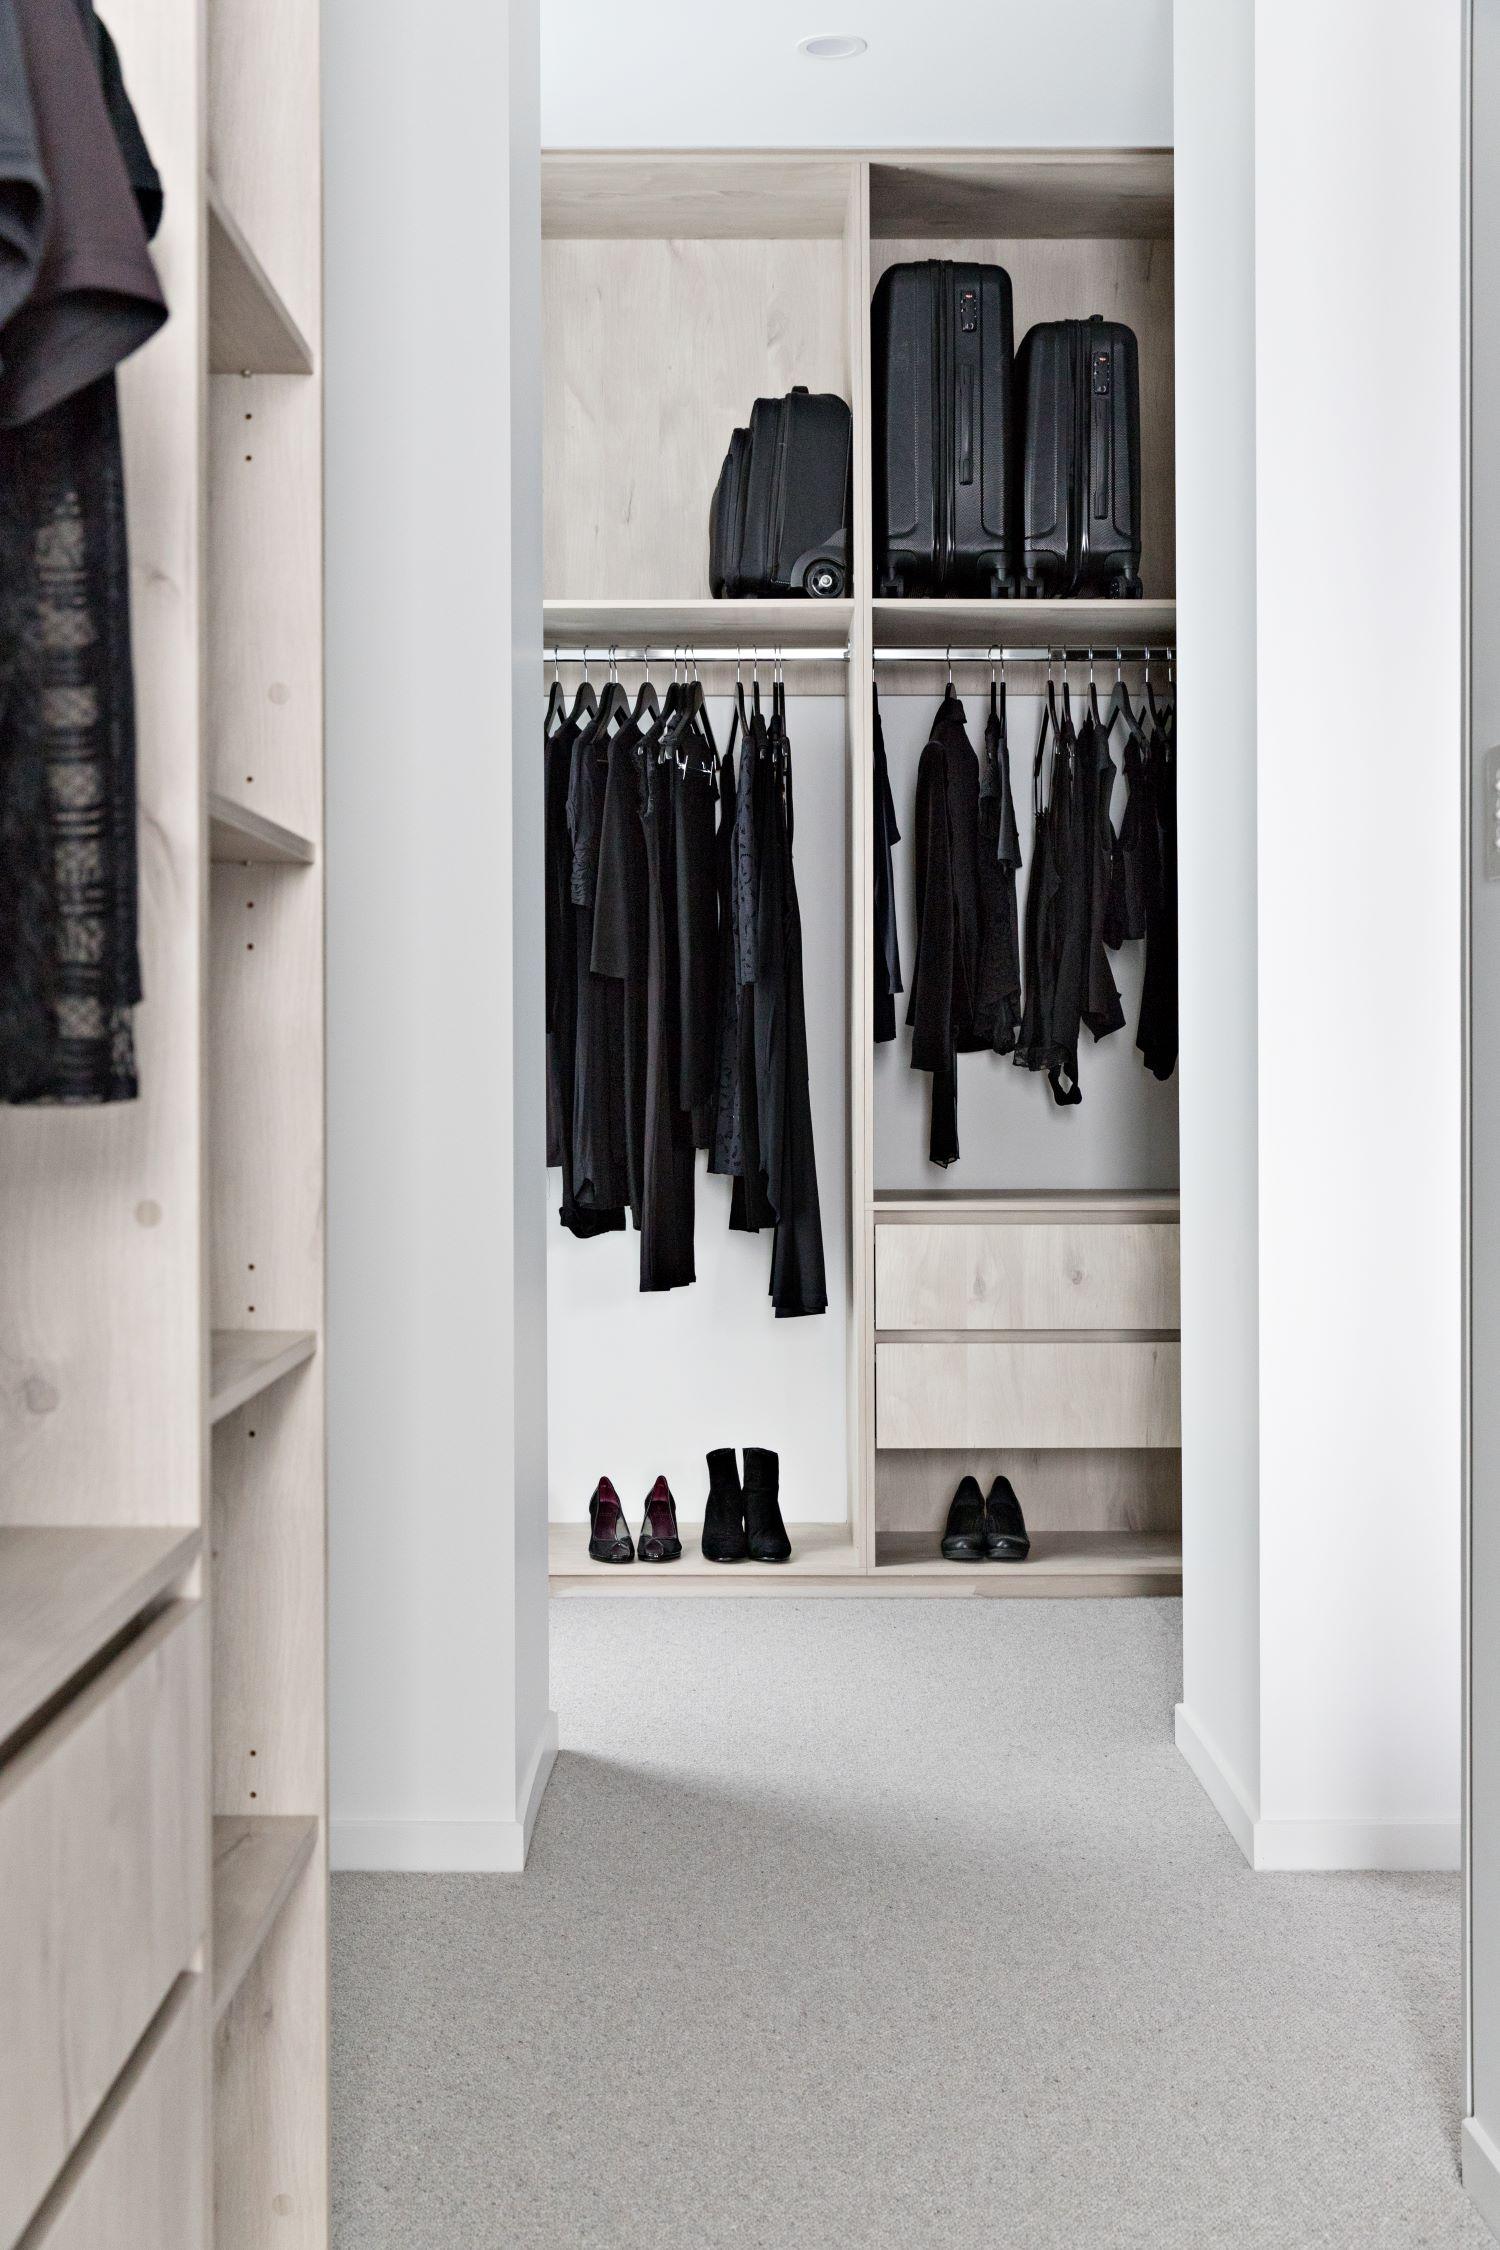 zephyr-stone-interior-design-influencers-wardrobe-design